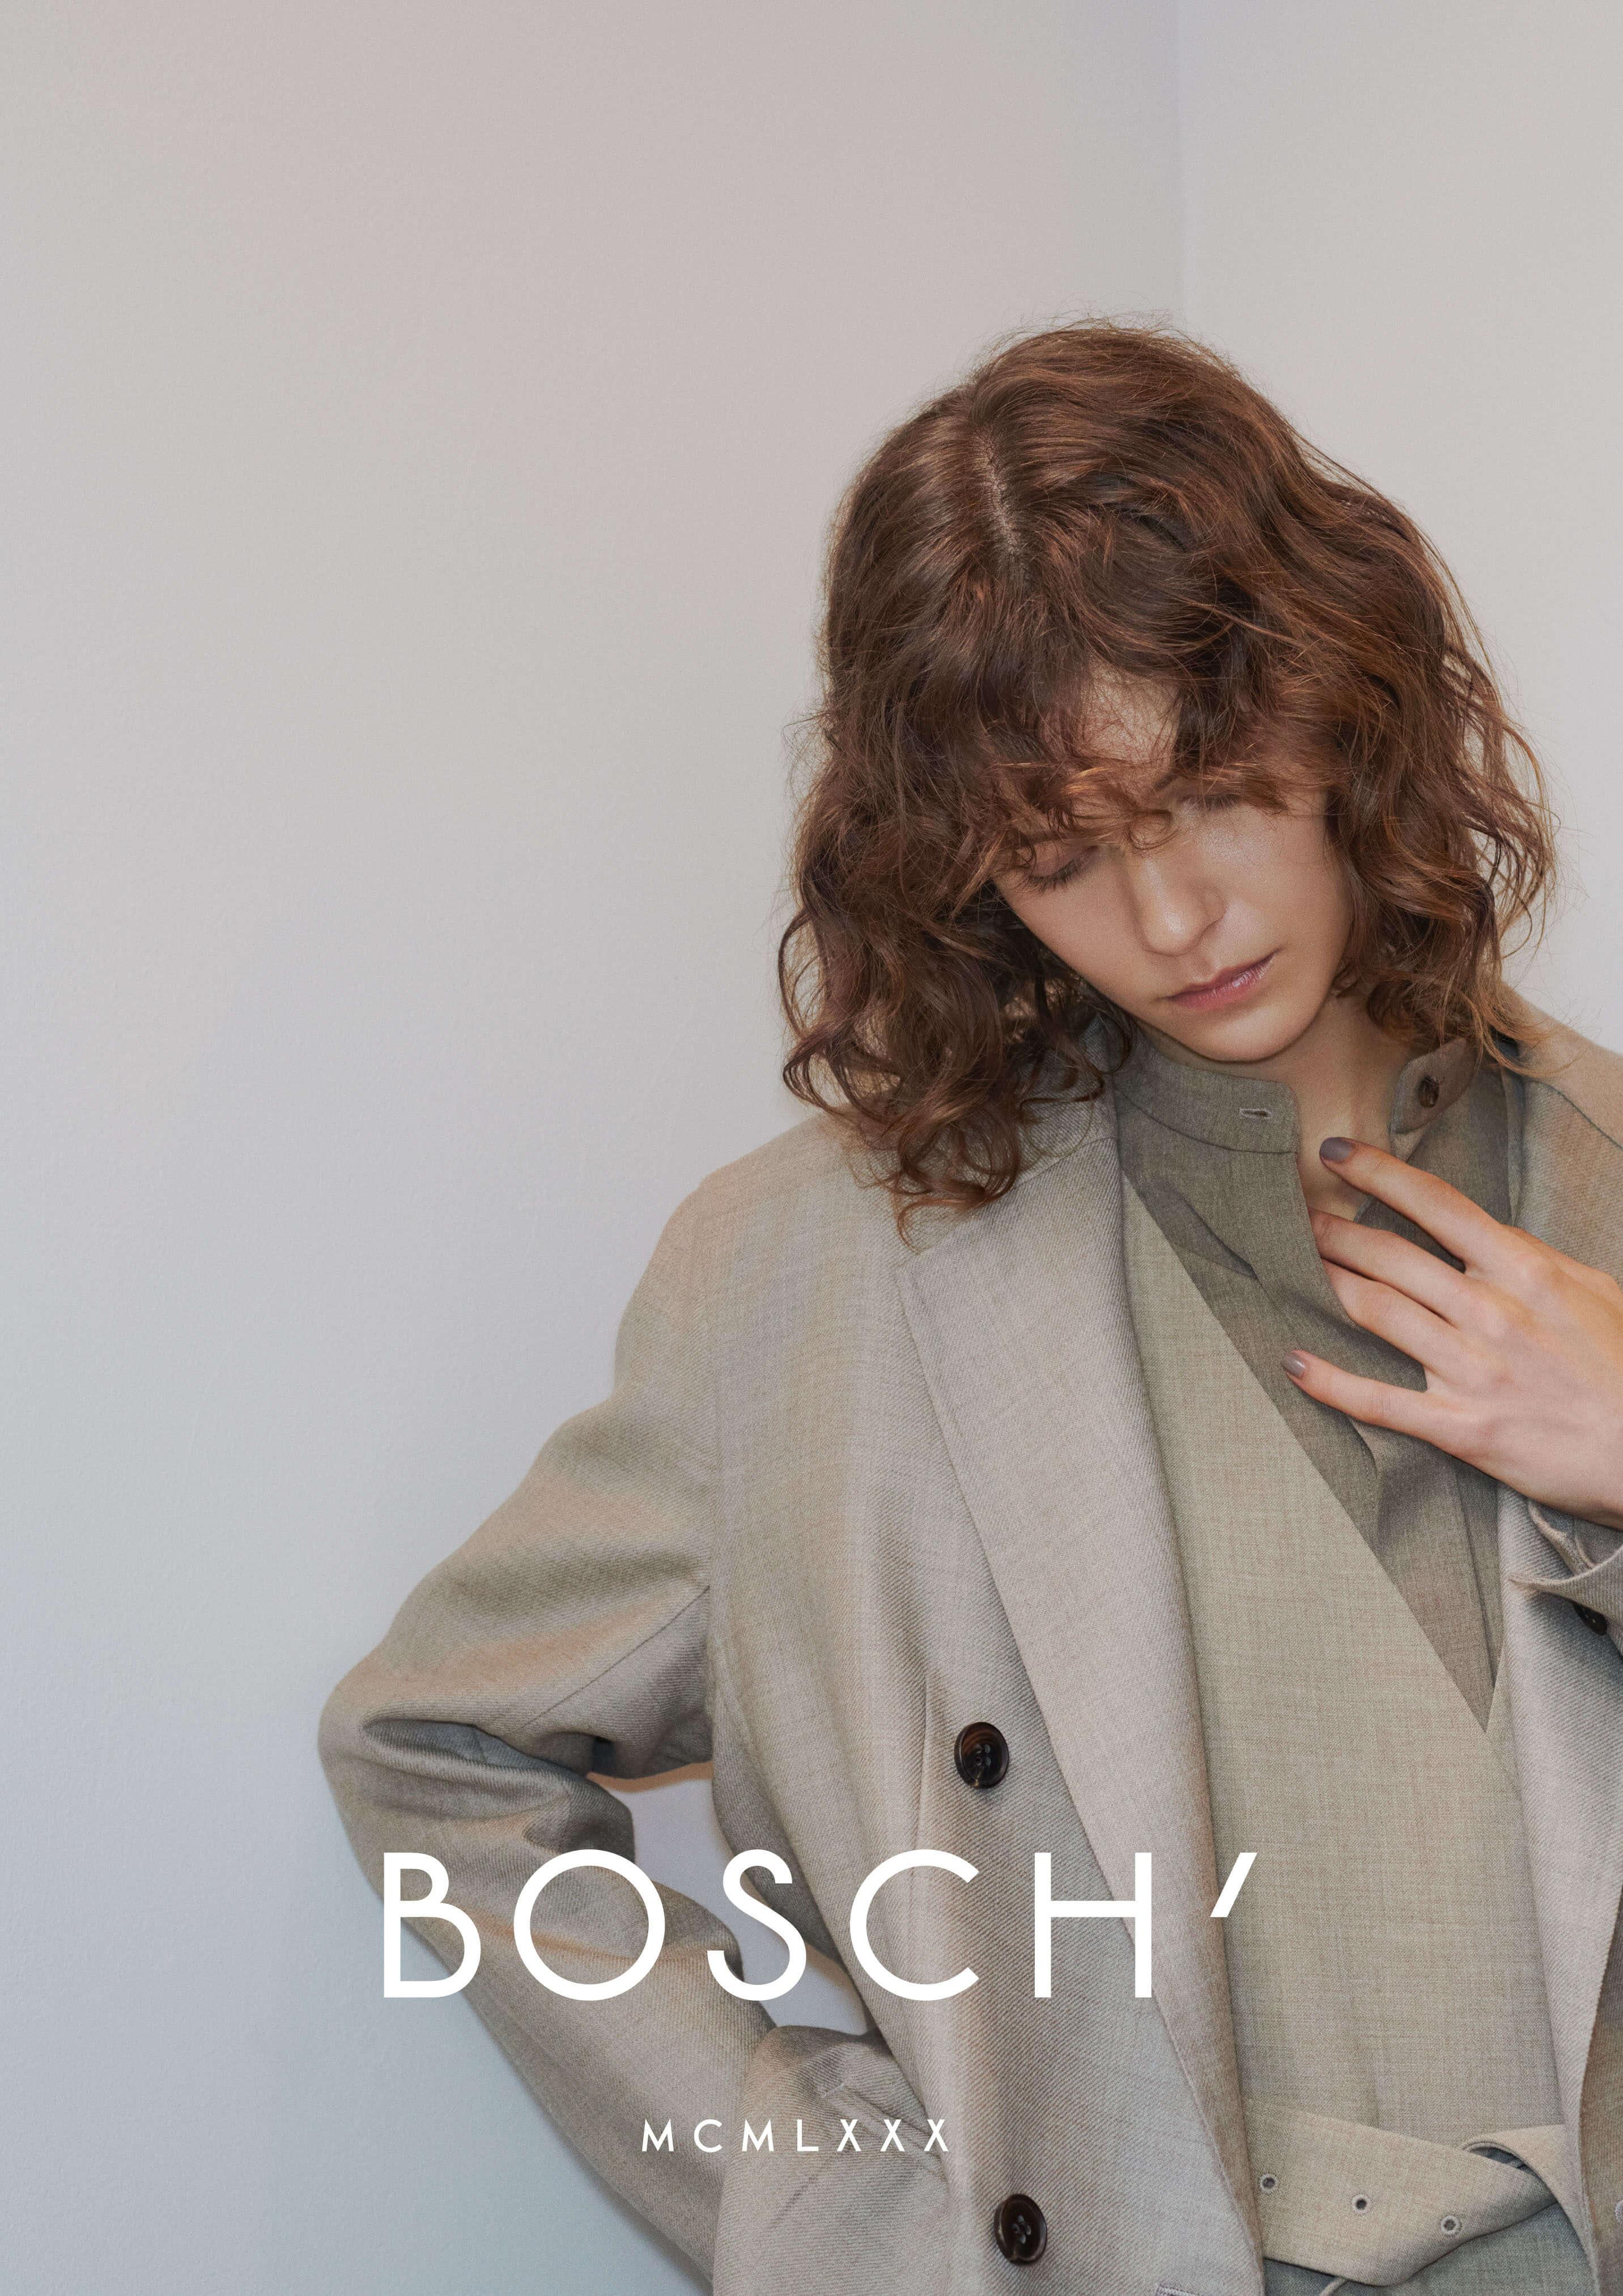 【アルバイト・正社員】BOSCHでのアパレル販売スタッフ募集★のカバー写真